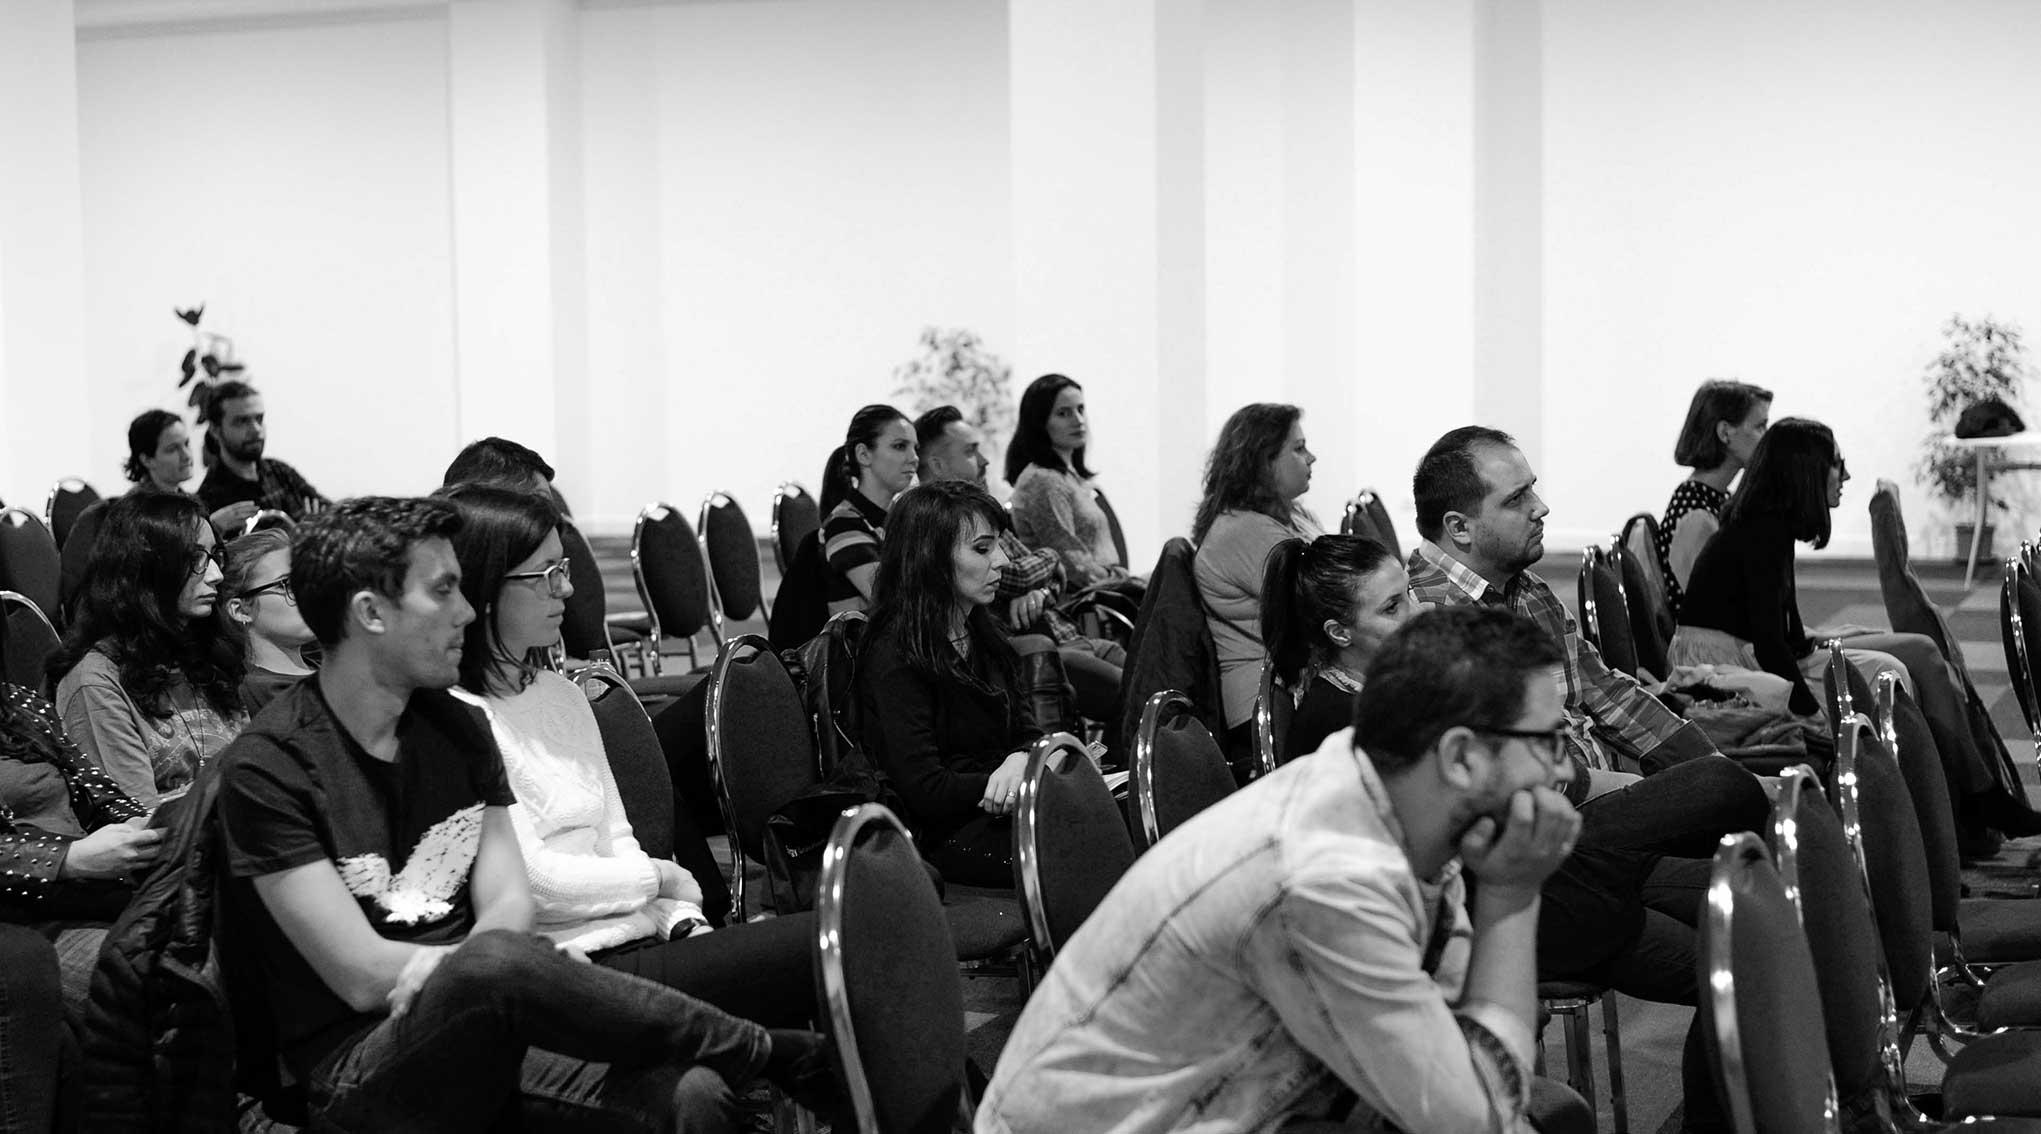 workshop-uri-demonstratii-si-conferinte-marca-atelierele-ilbah-pe-parcursul-a-4-zile-in-cadrul-romexpo-28